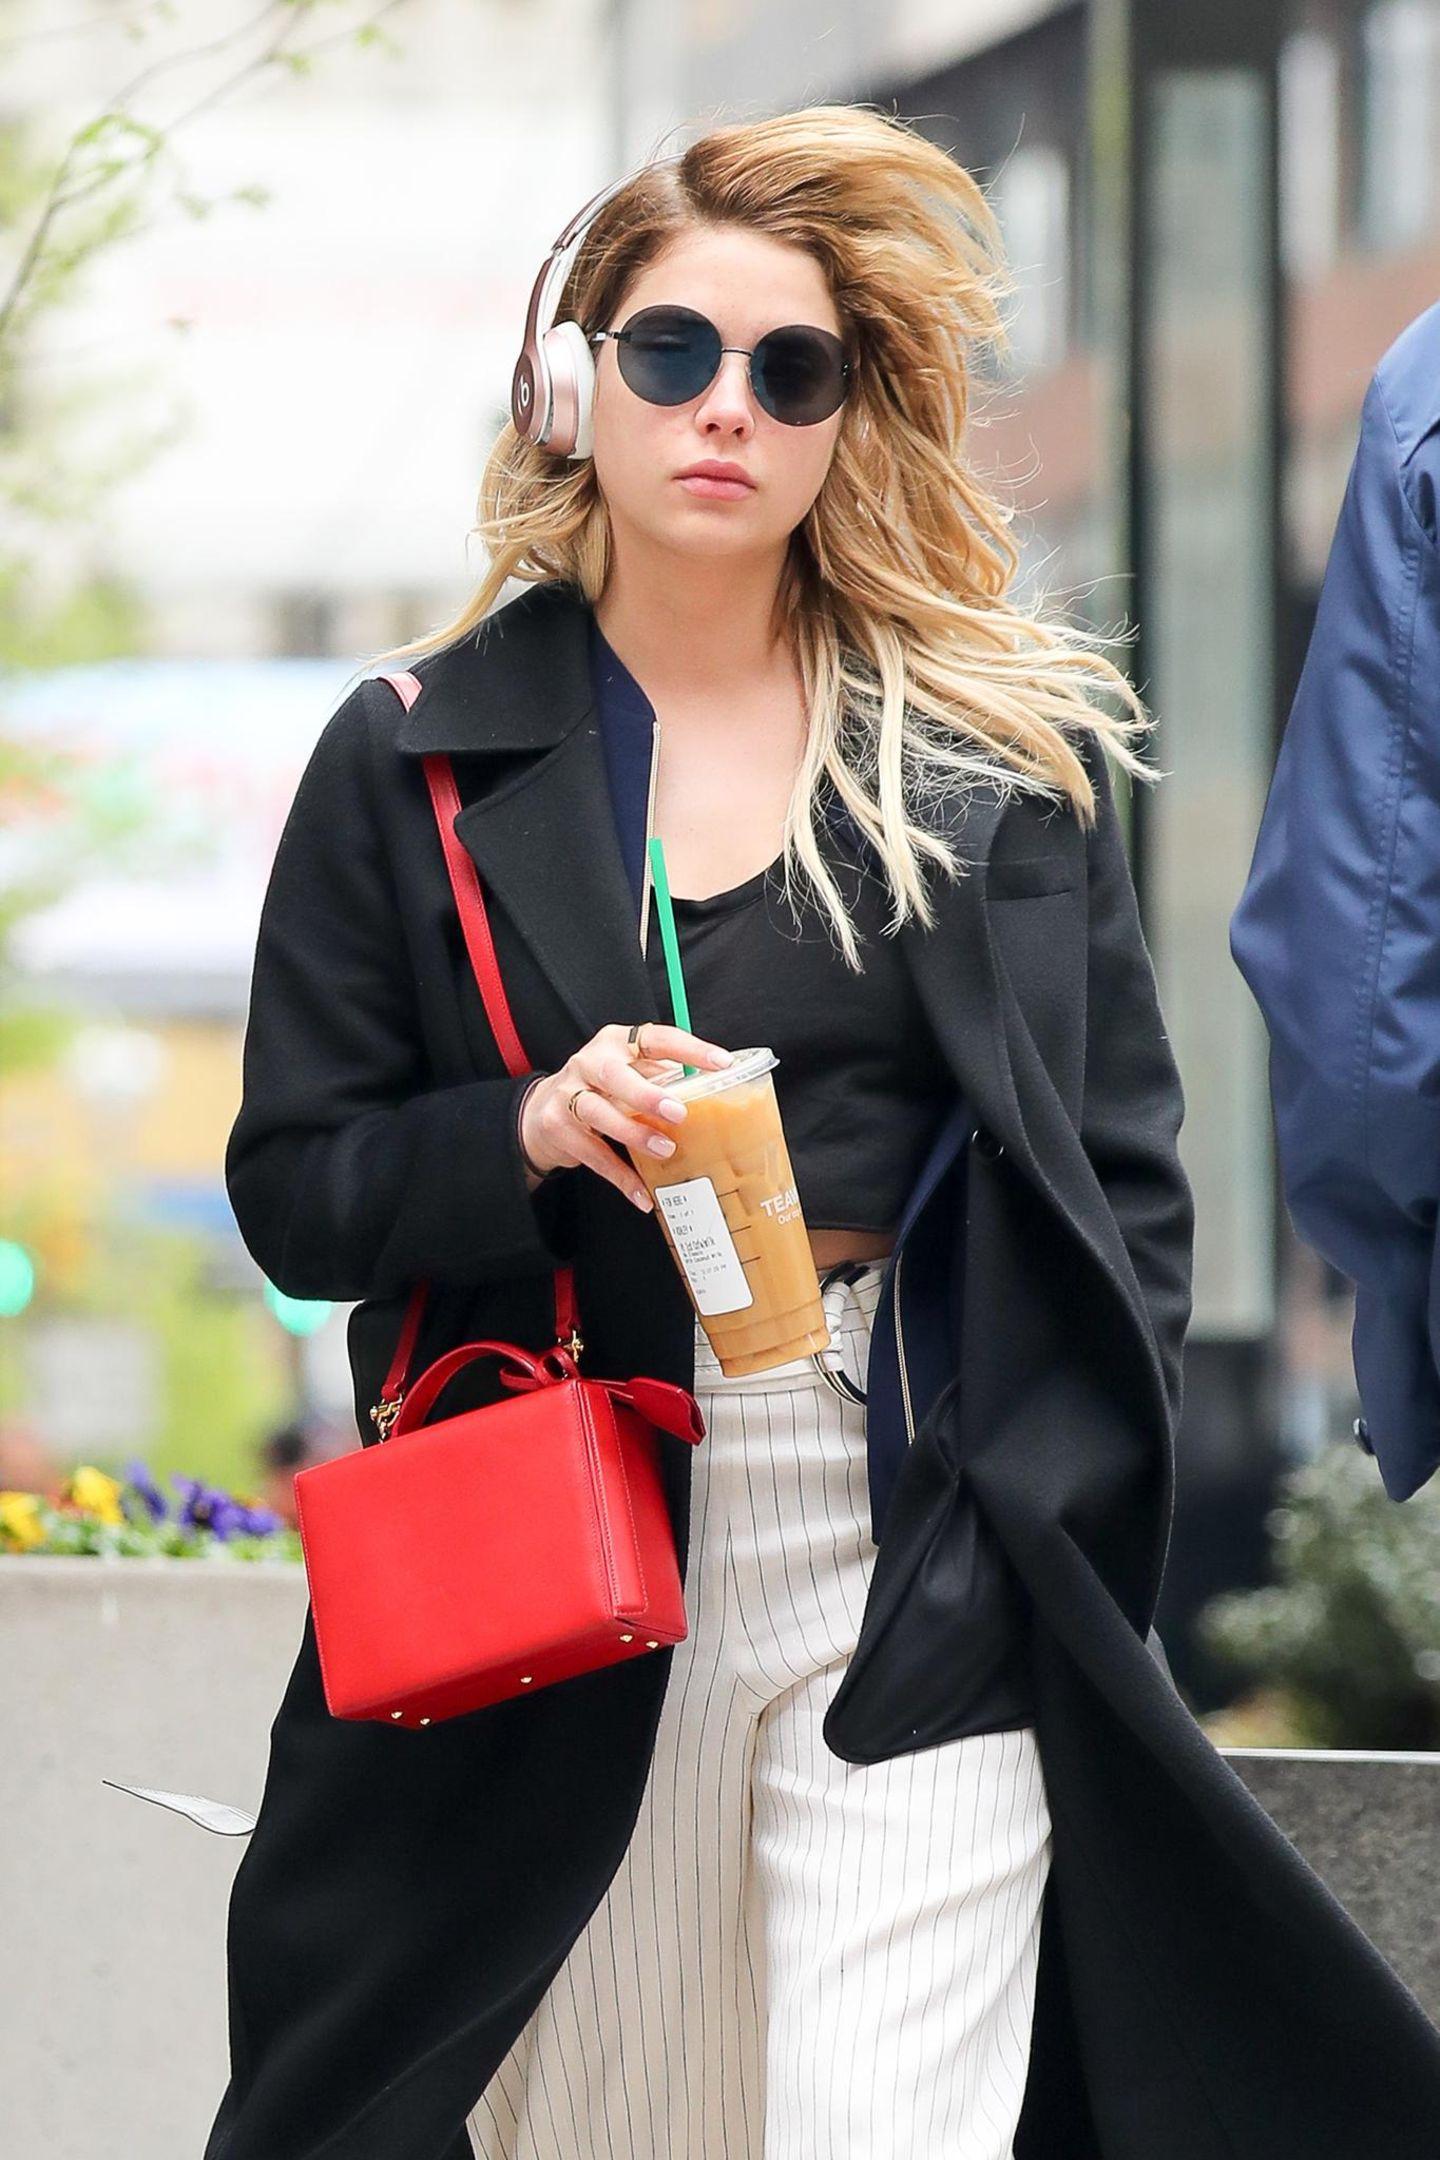 Zu einem richtig coolen Streetstyle gehört bei Ashley Benson ein eisgekühlter Kaffee im To-Go-Becher.